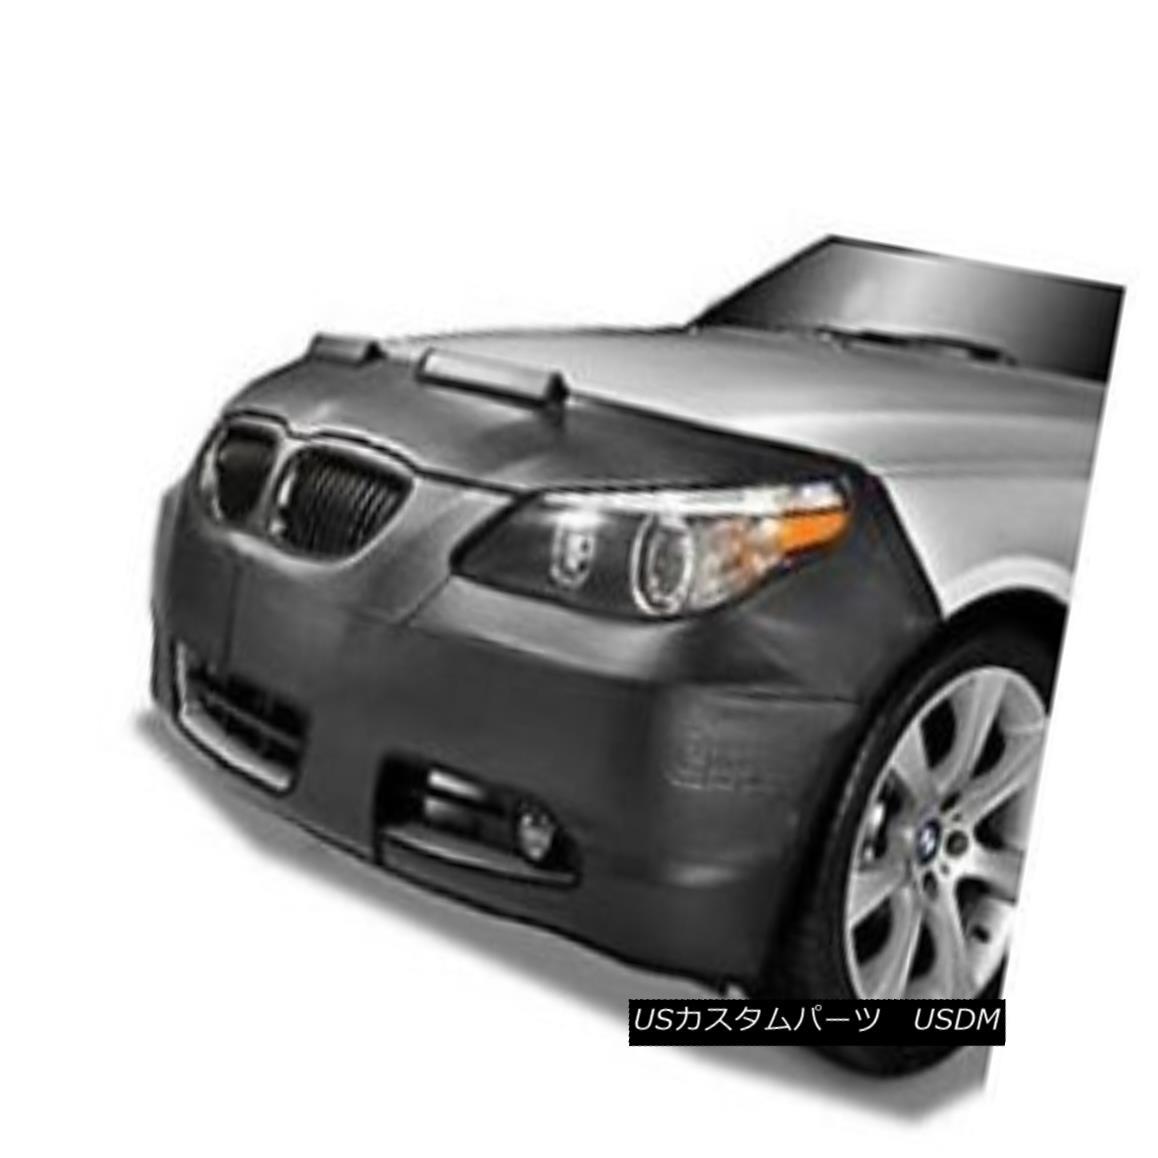 フルブラ ノーズブラ Colgan Front End Mask Bra 2pc. Fits 2008-2011 AUDI A5, W/O License plate  コルガンフロントエンドマスクブラ2pc 2008-2011 AUDI A5、W / Oナンバープレートに適合